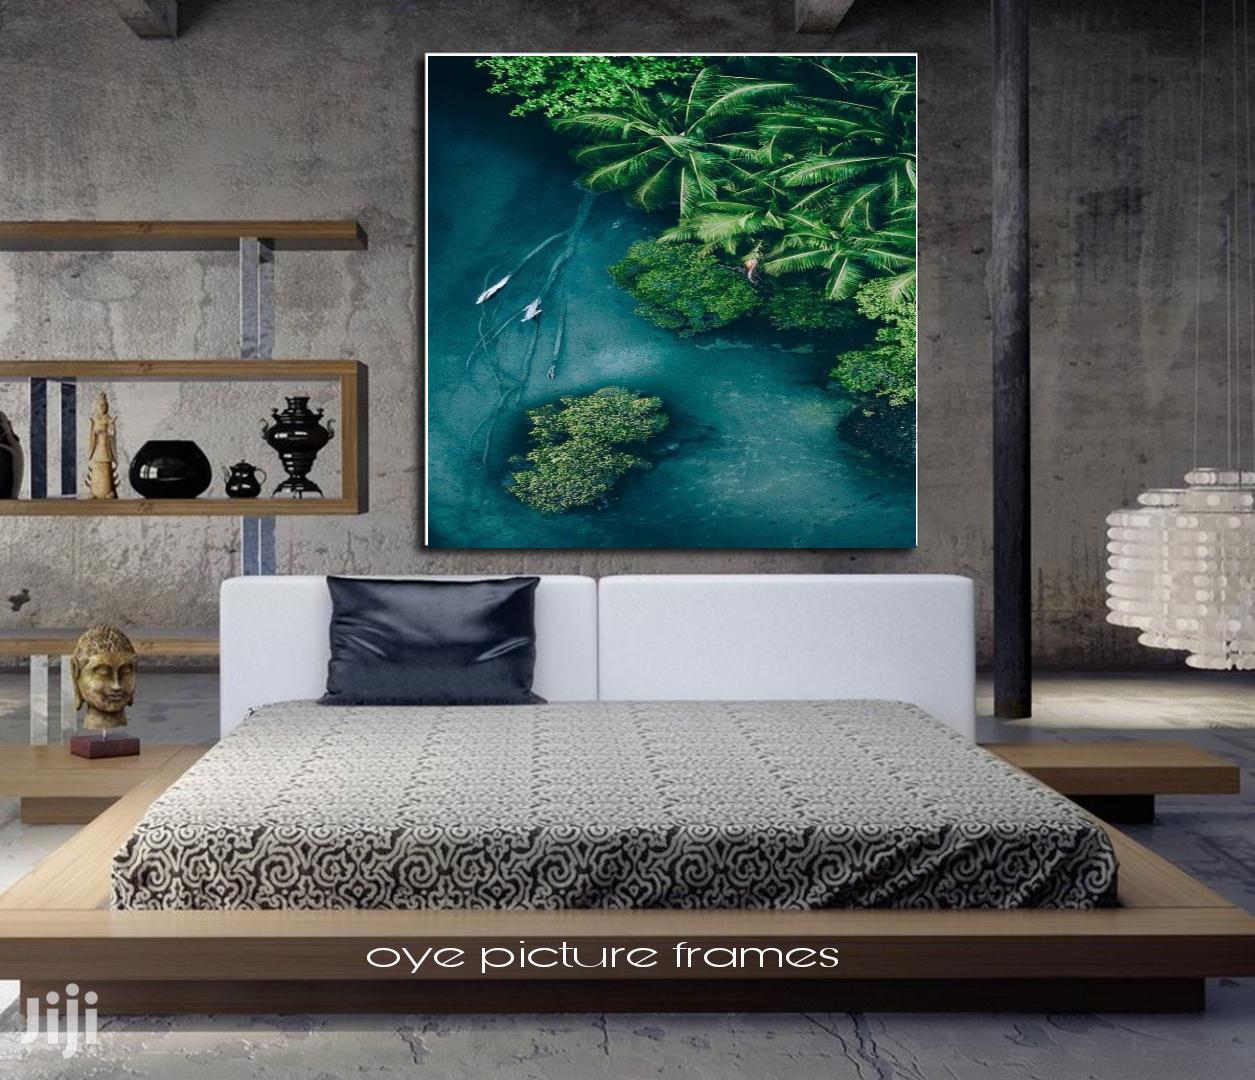 Wall Art by Oye